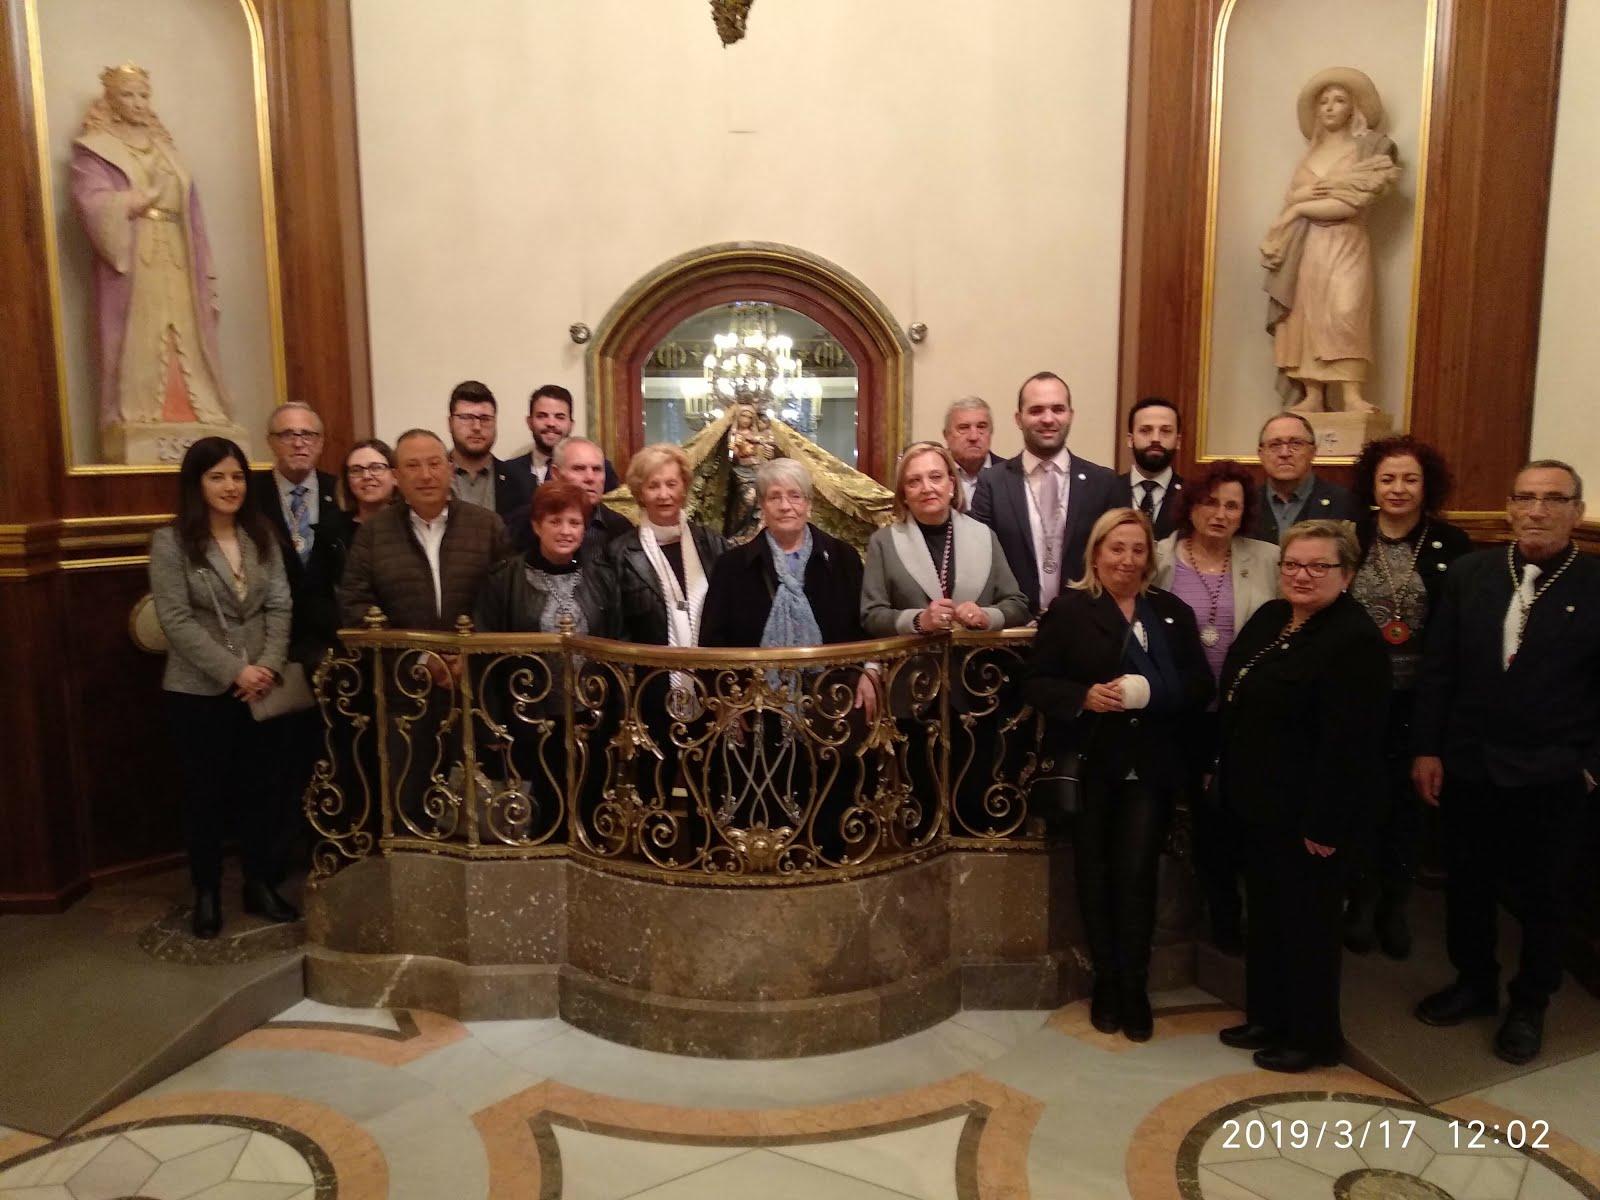 Peregrinació anual de l'Agrupació d'Associacions de la Setmana Santa de Reus